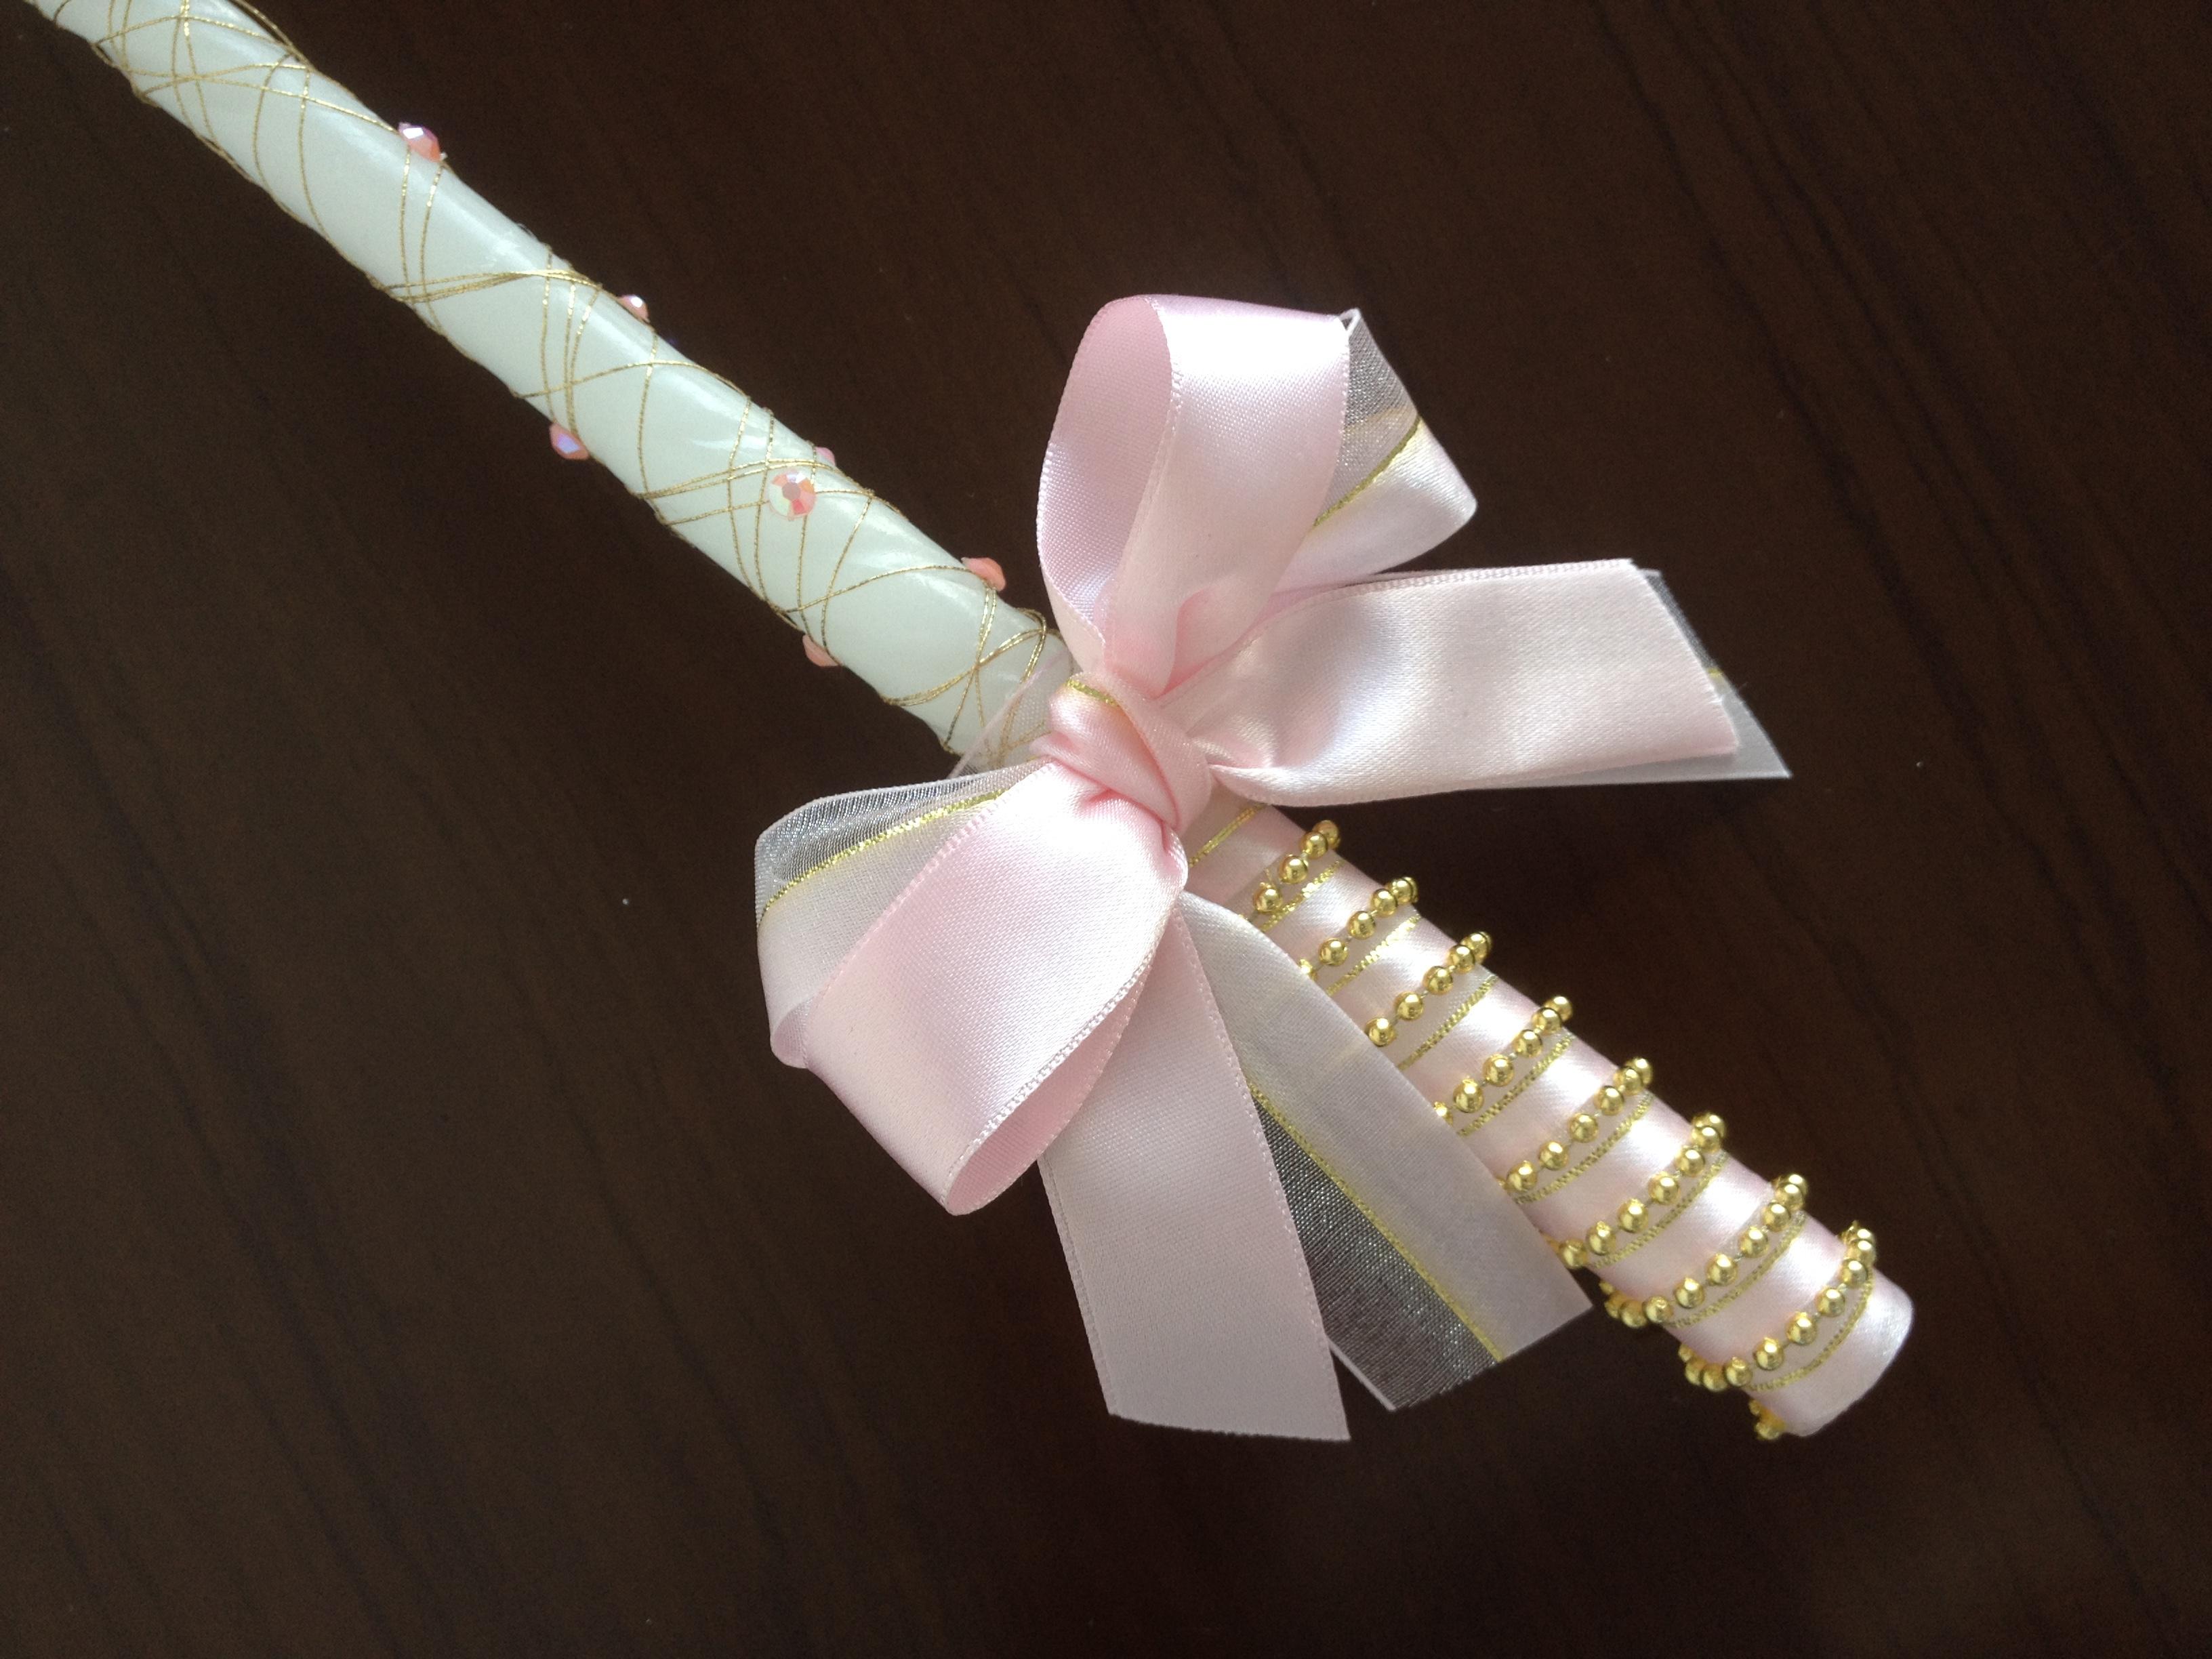 Vela decorada rosa com dourado andressa ferrari arte for Como decorar c